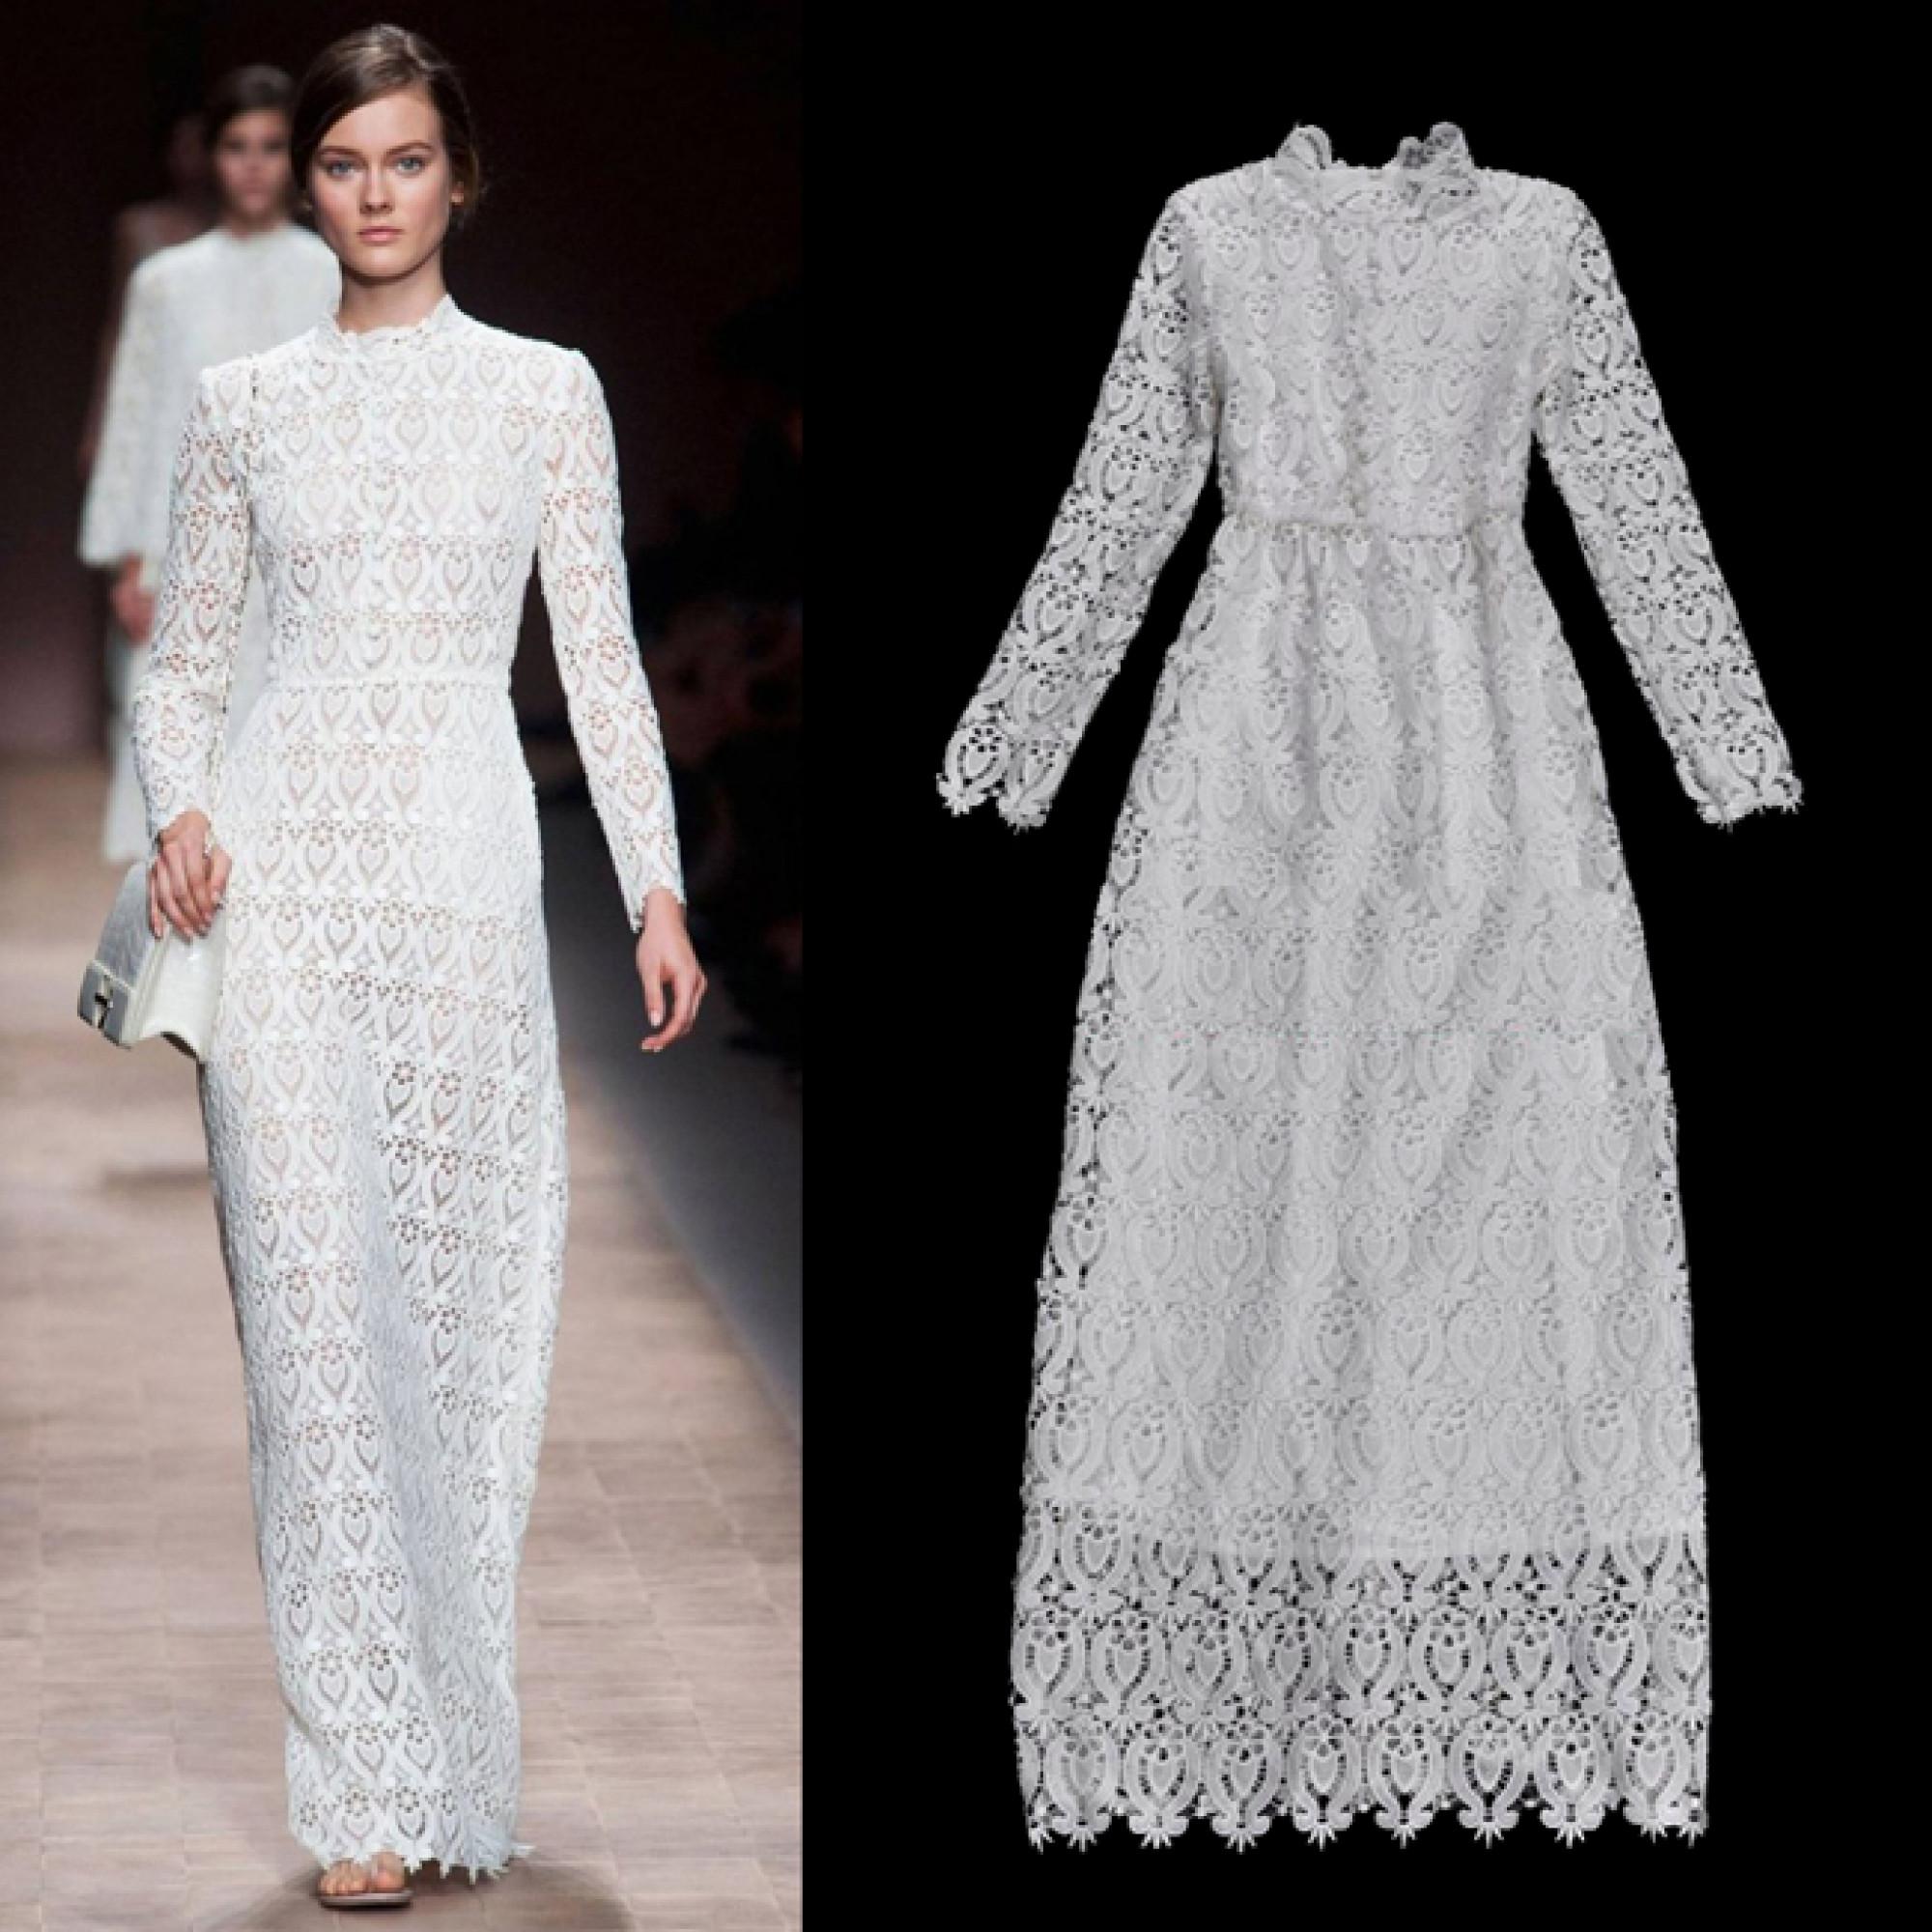 cdd658554de Купить белое кружевное платье с длинными рукавами — в Киеве